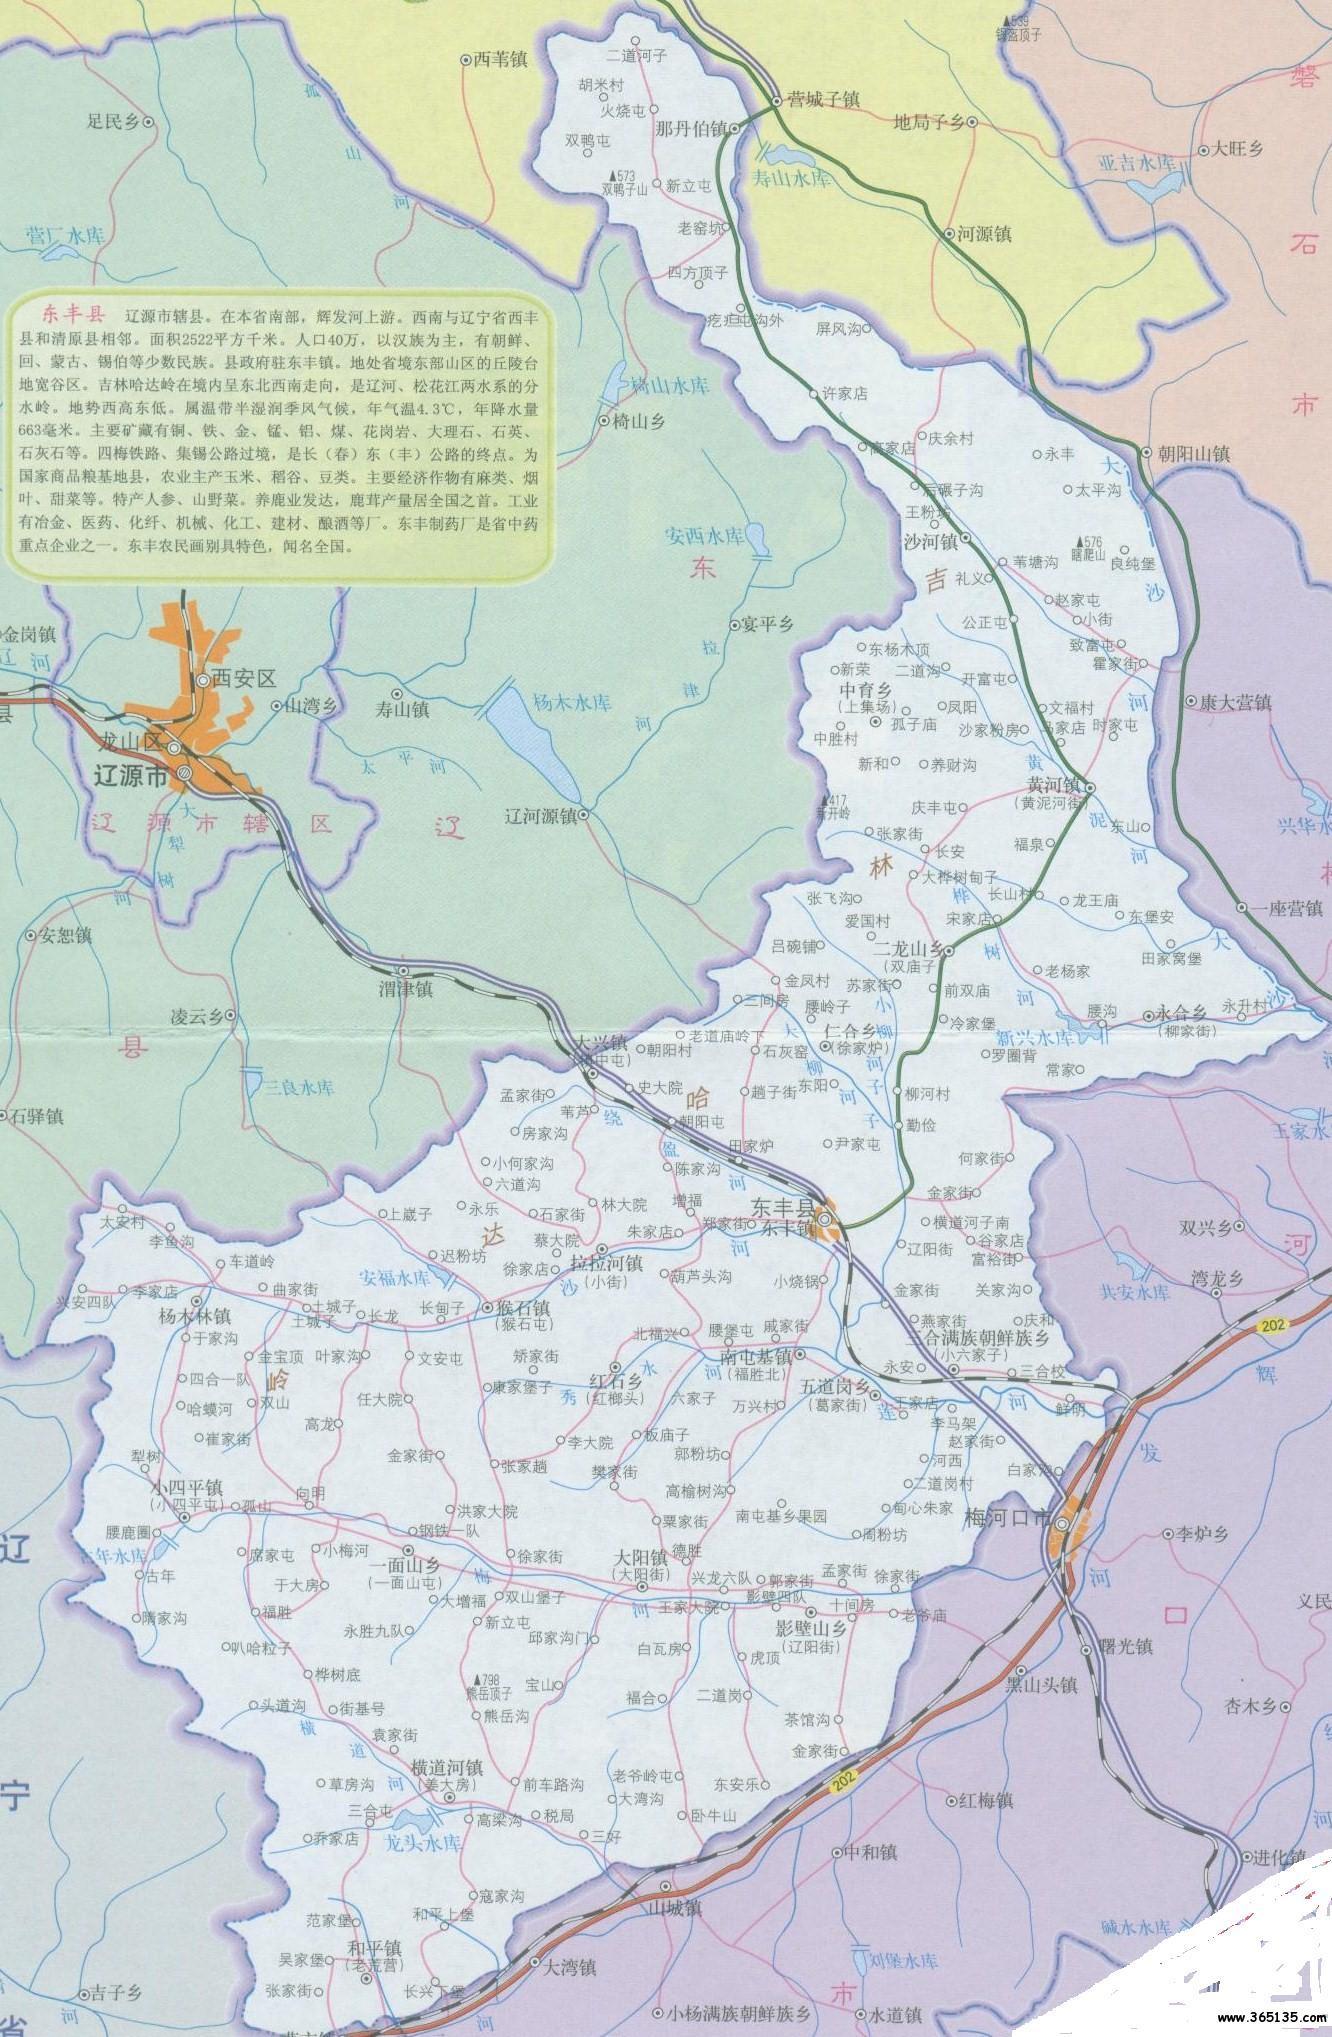 吉林 区划地图 >> 东丰县行政区划图